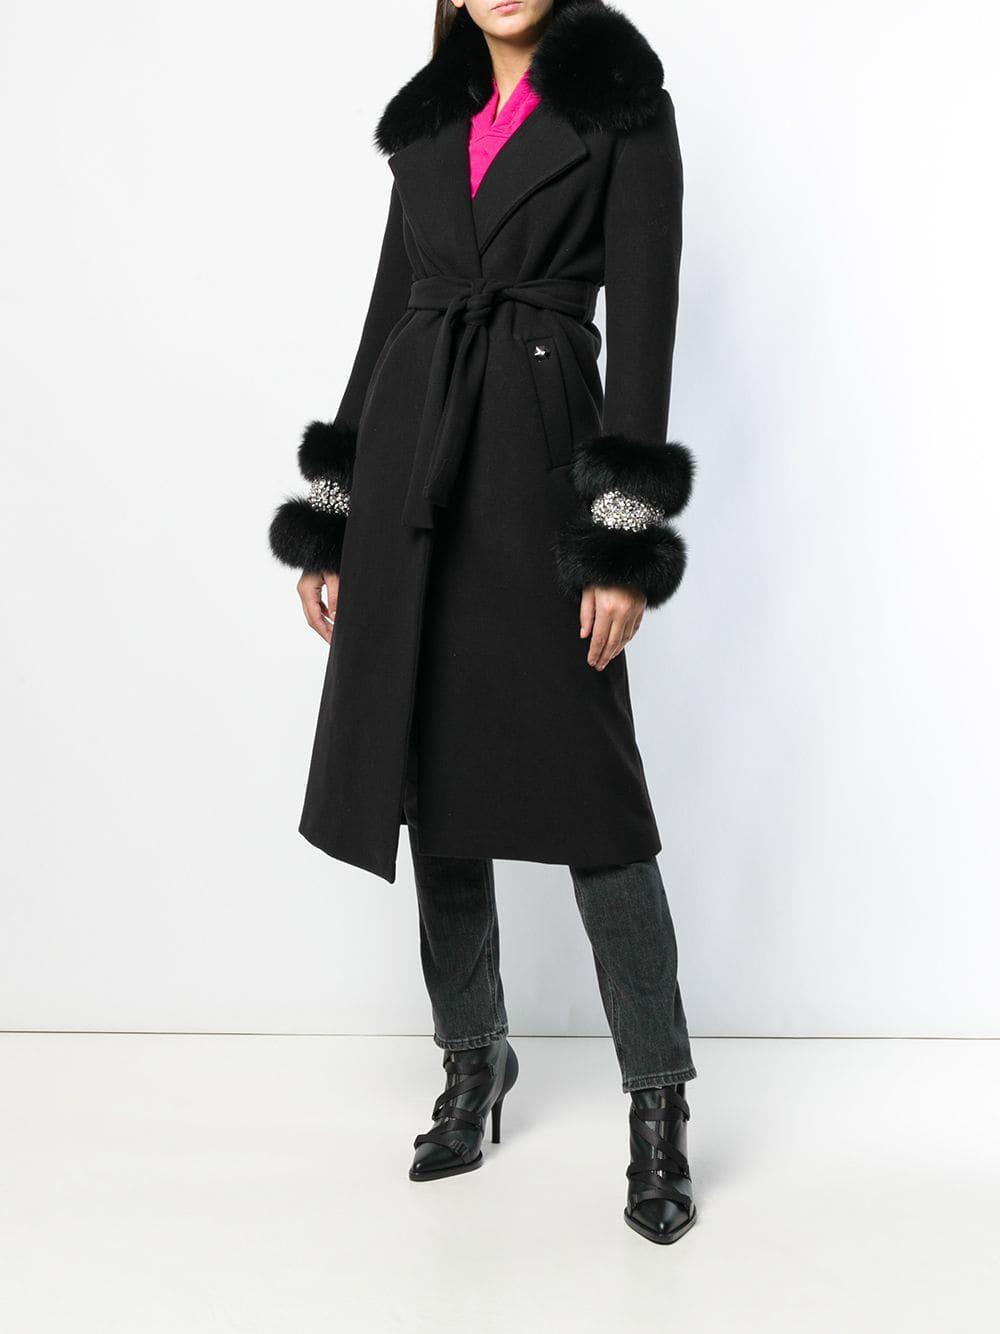 c1f382dba65b9 Philipp Plein Fur Detail Belted Coat in Black - Lyst